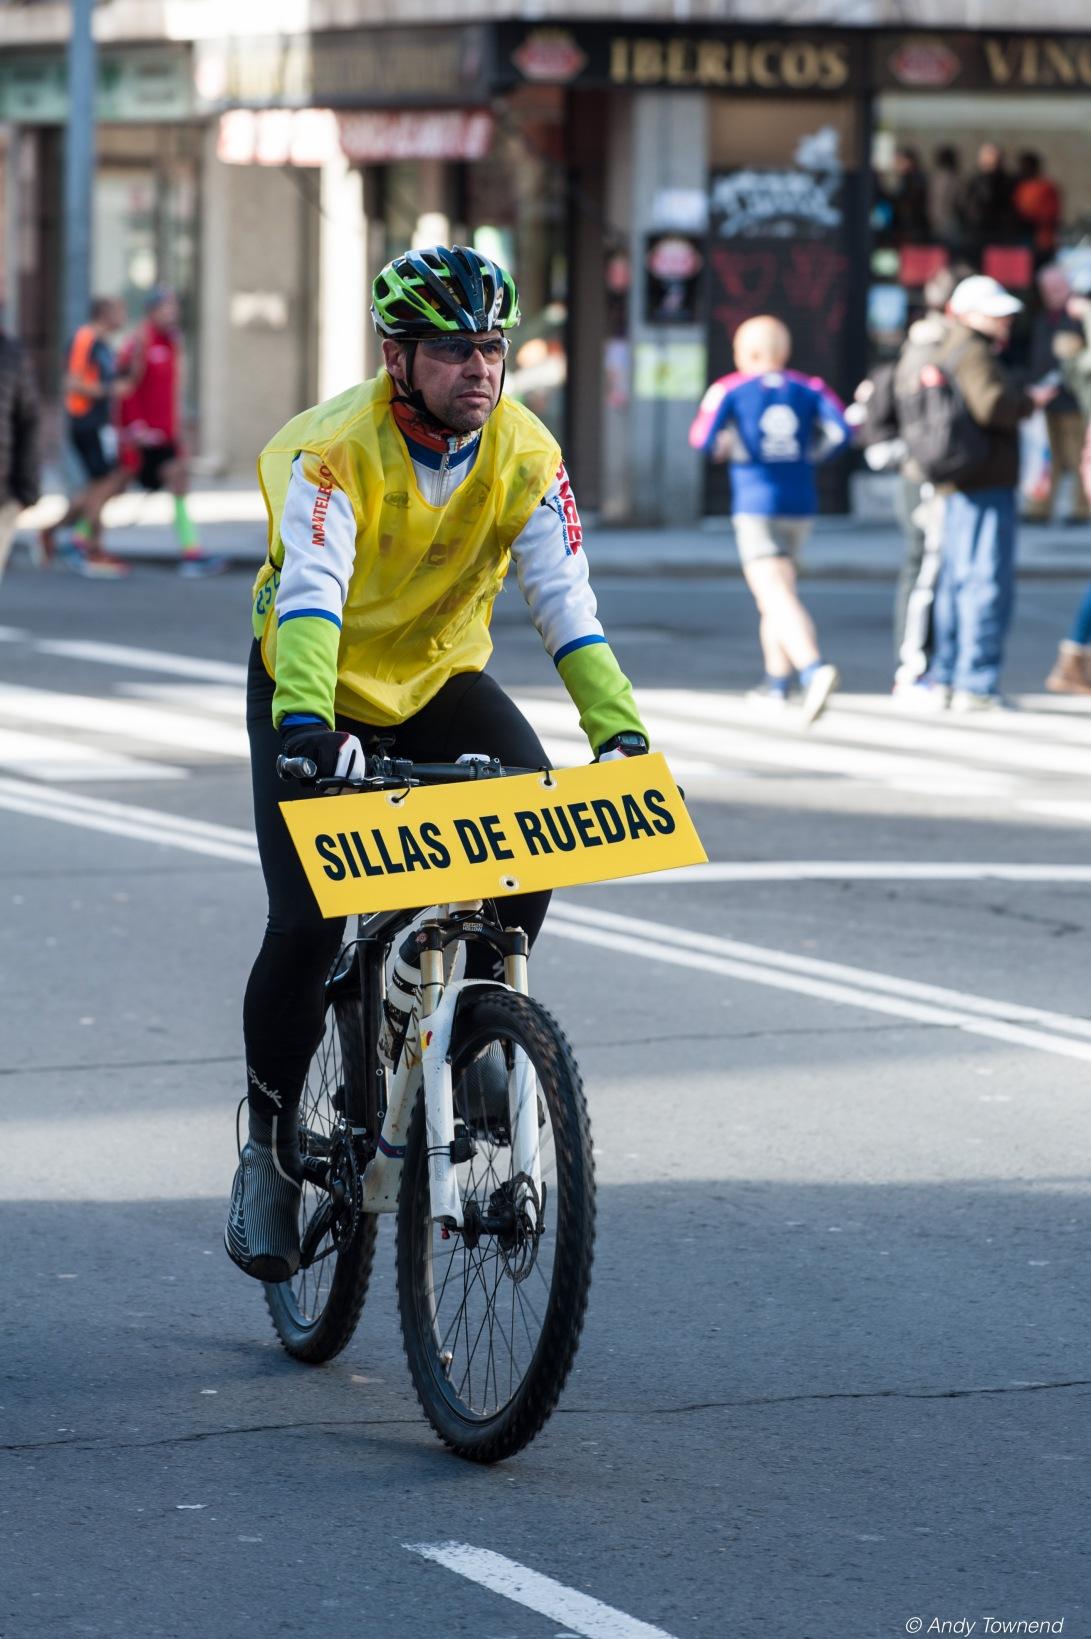 Chase bike